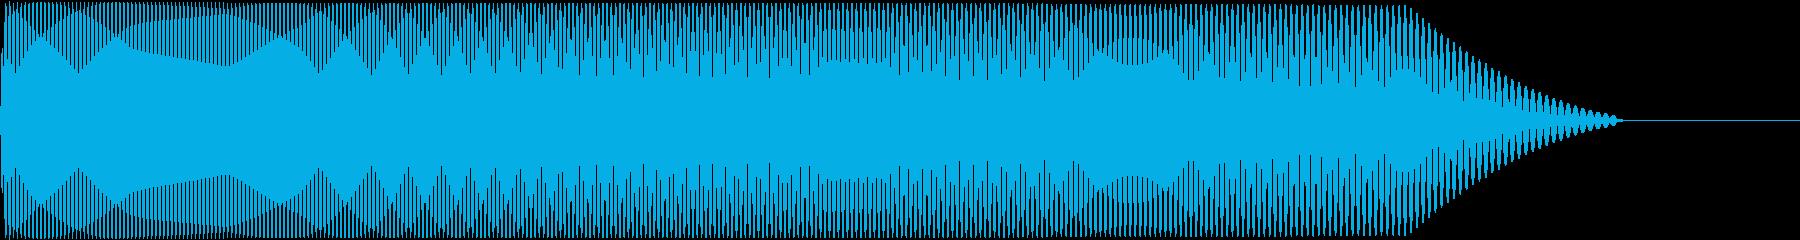 メタルコアベースドロップ F♯1→F♯0の再生済みの波形